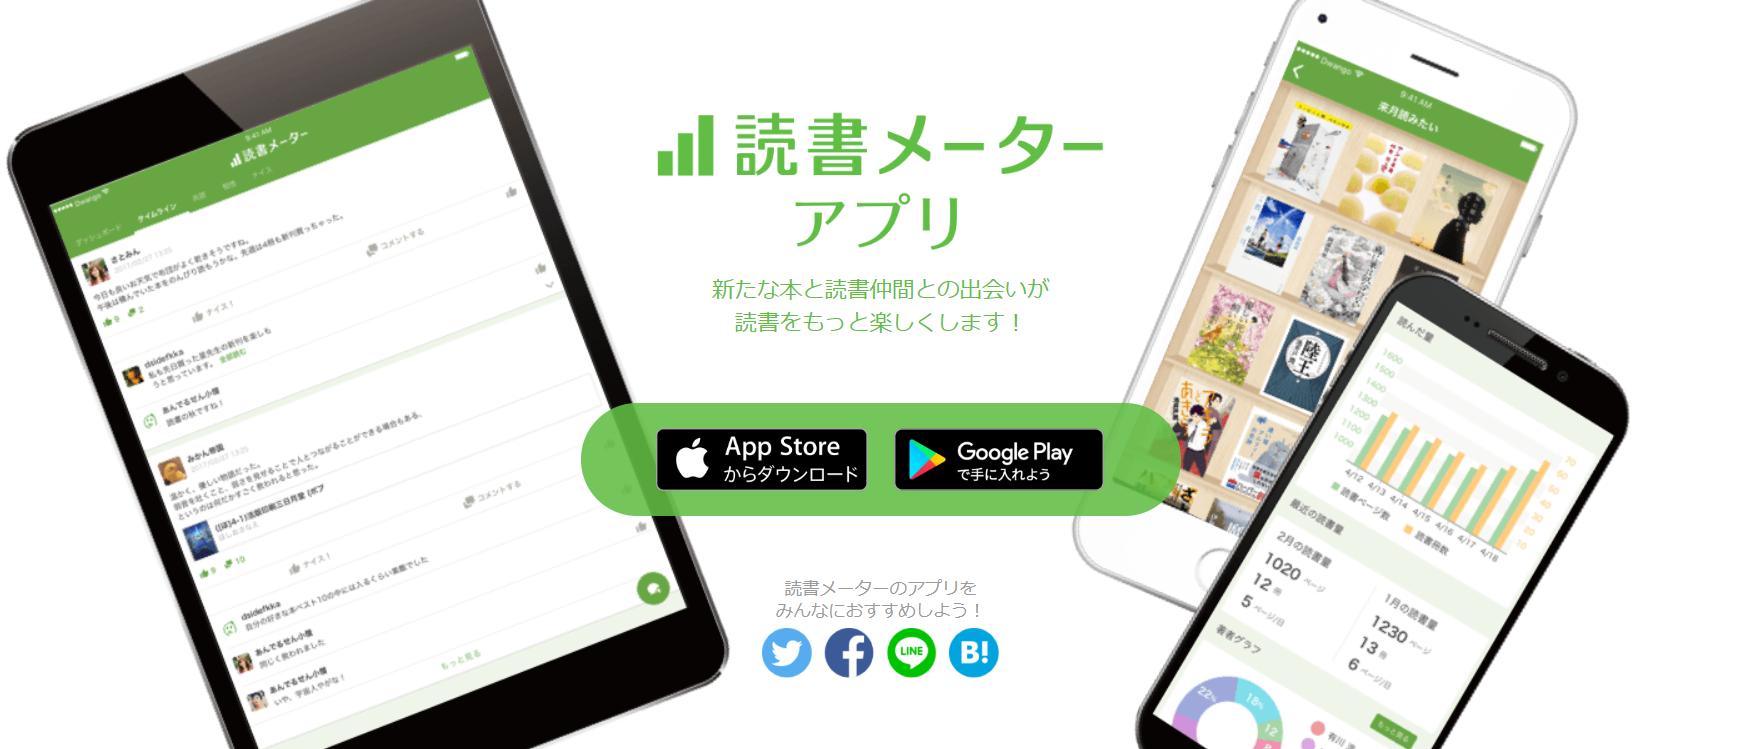 読書メーターアプリ